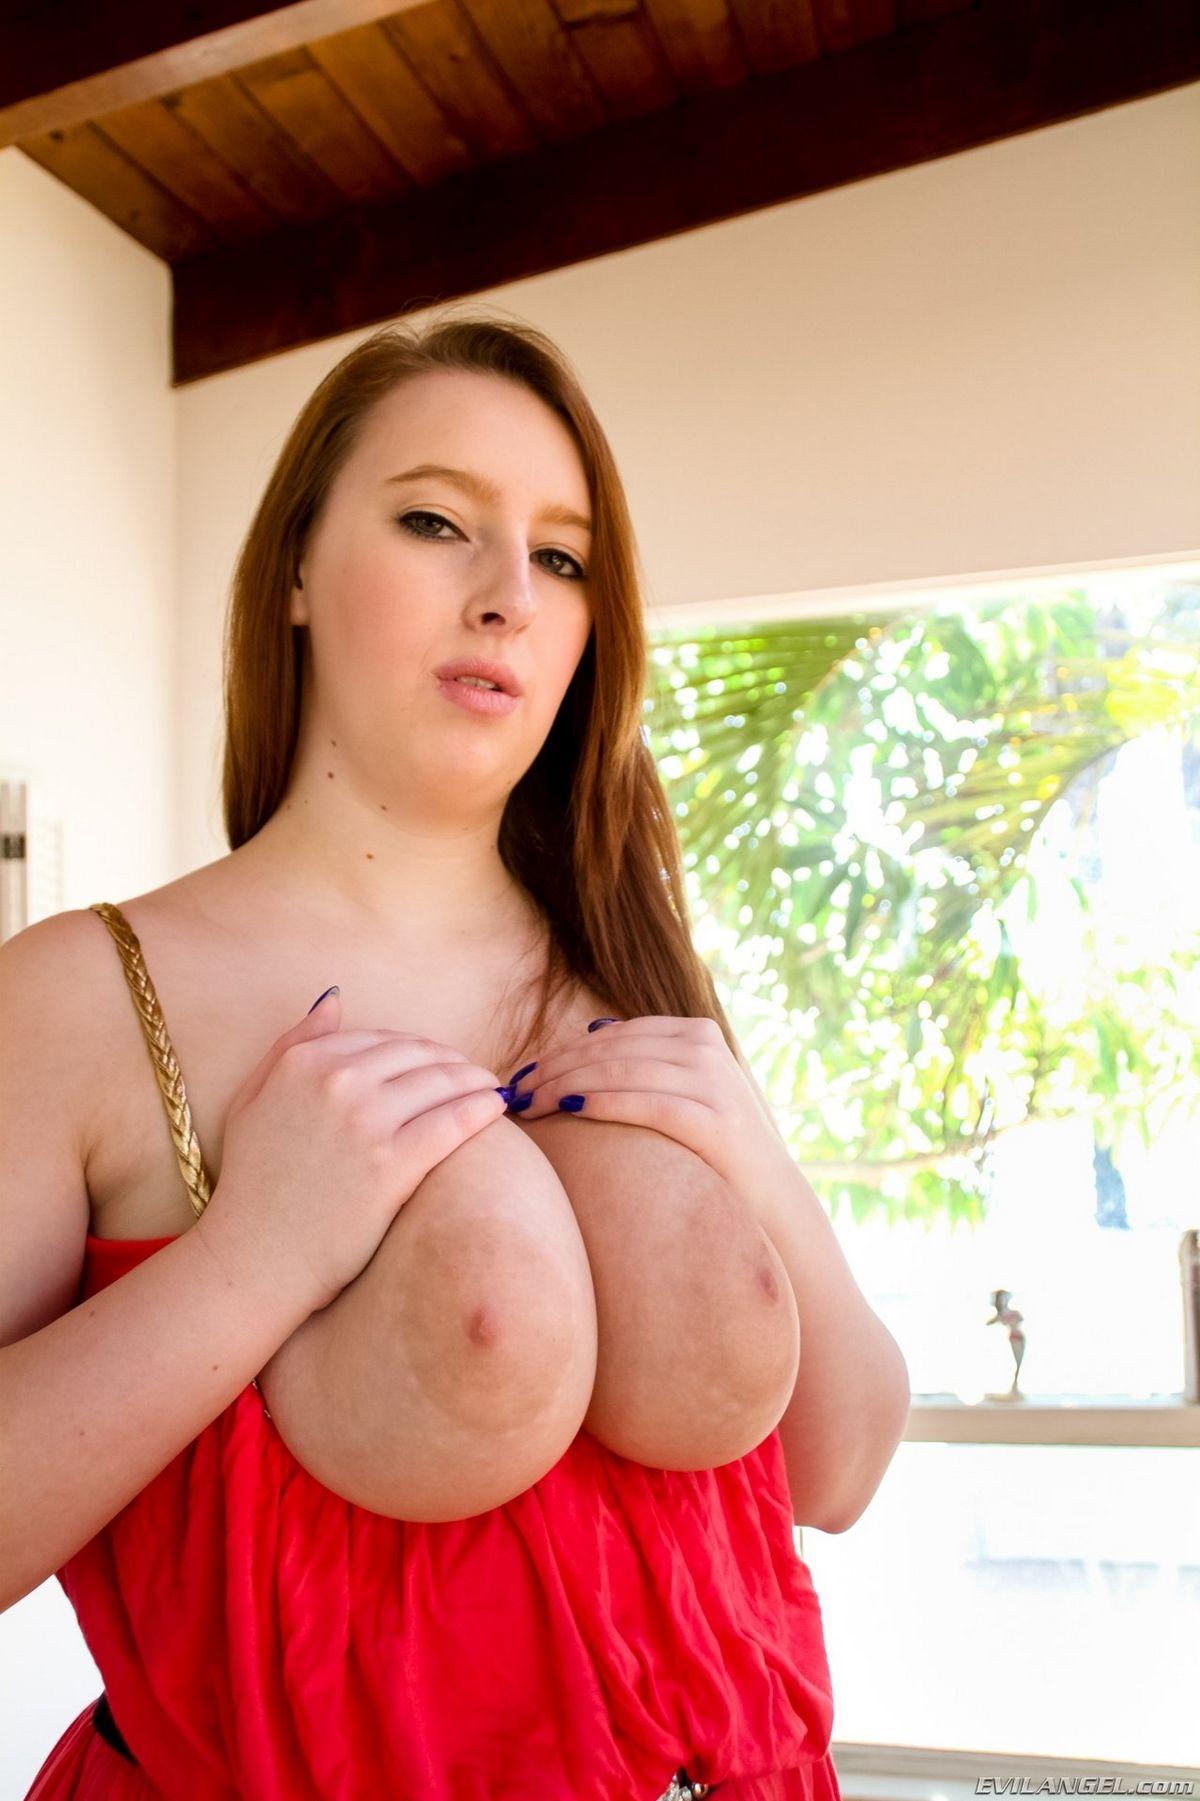 Чика обладает невероятными формами – она не стесняется своего полного тела и обнажает всю себя. Порно чика.